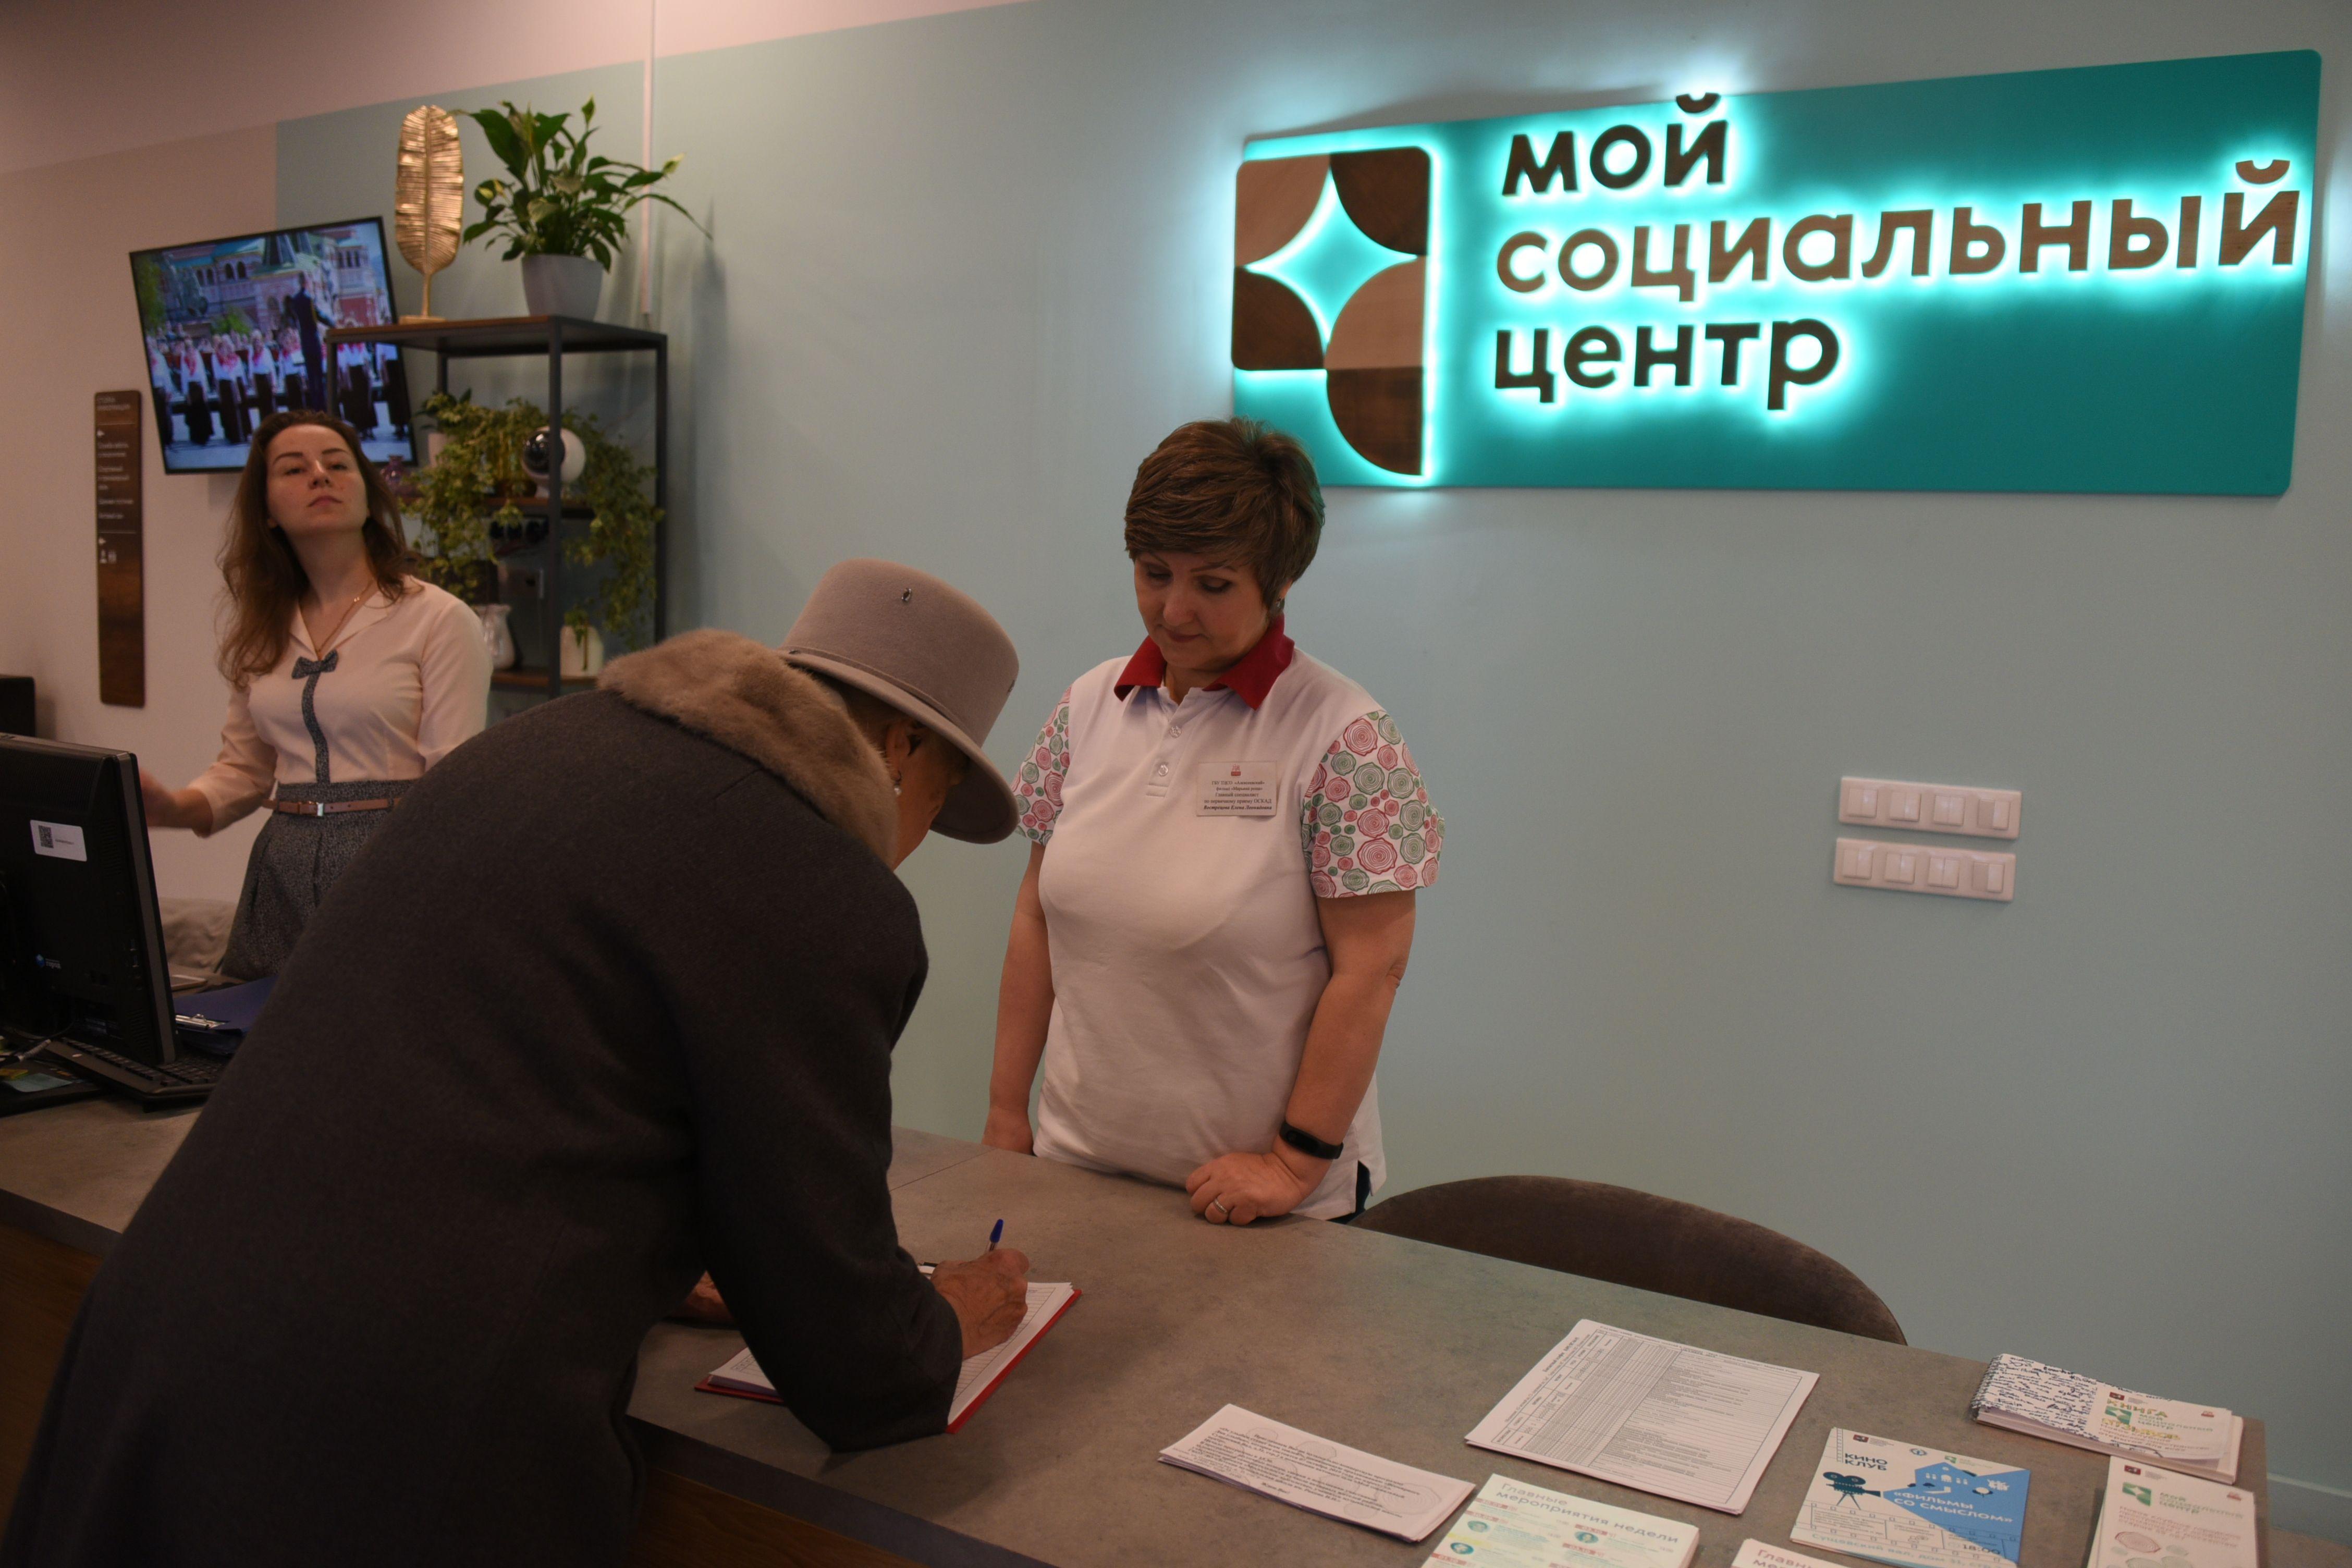 Три объекта социальной поддержки населения построят в Москве до конца года